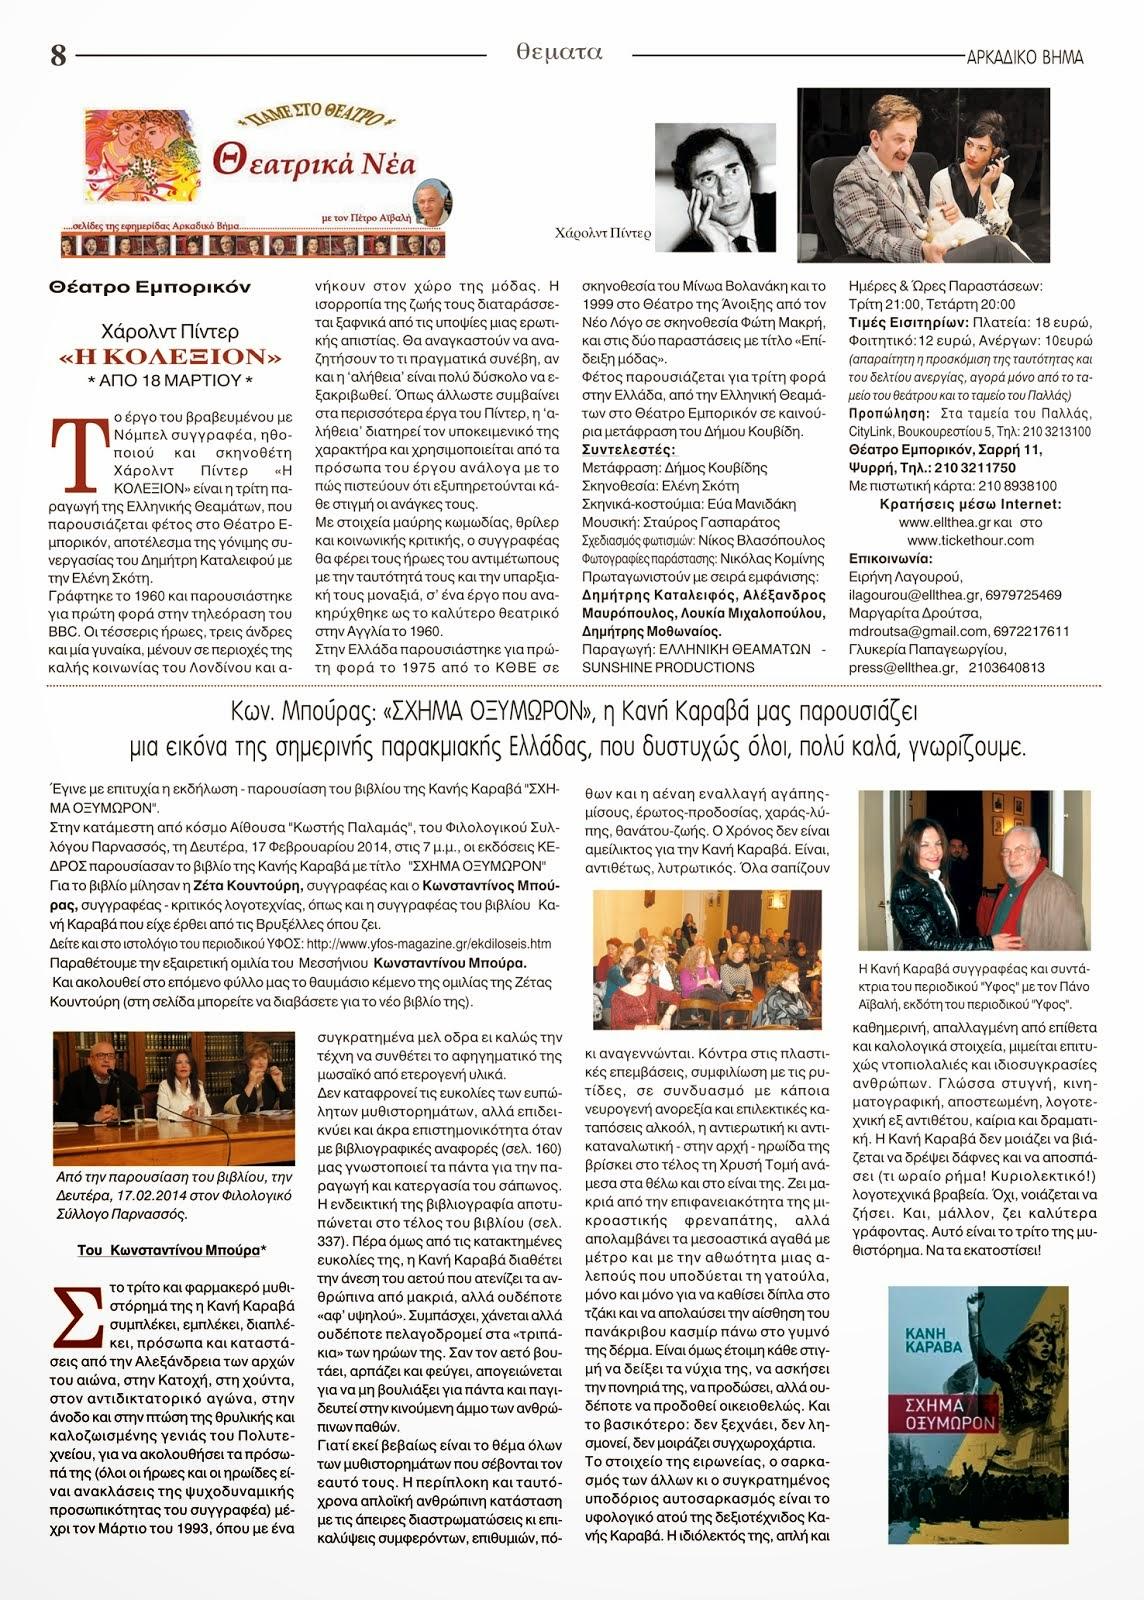 ΘΕΑΤΡΙΚΑ ΝΕΑ κάθε μήνα στην εφημερίδα Αρκαδικό Βήμα με τον Πέτρο Αϊβαλή